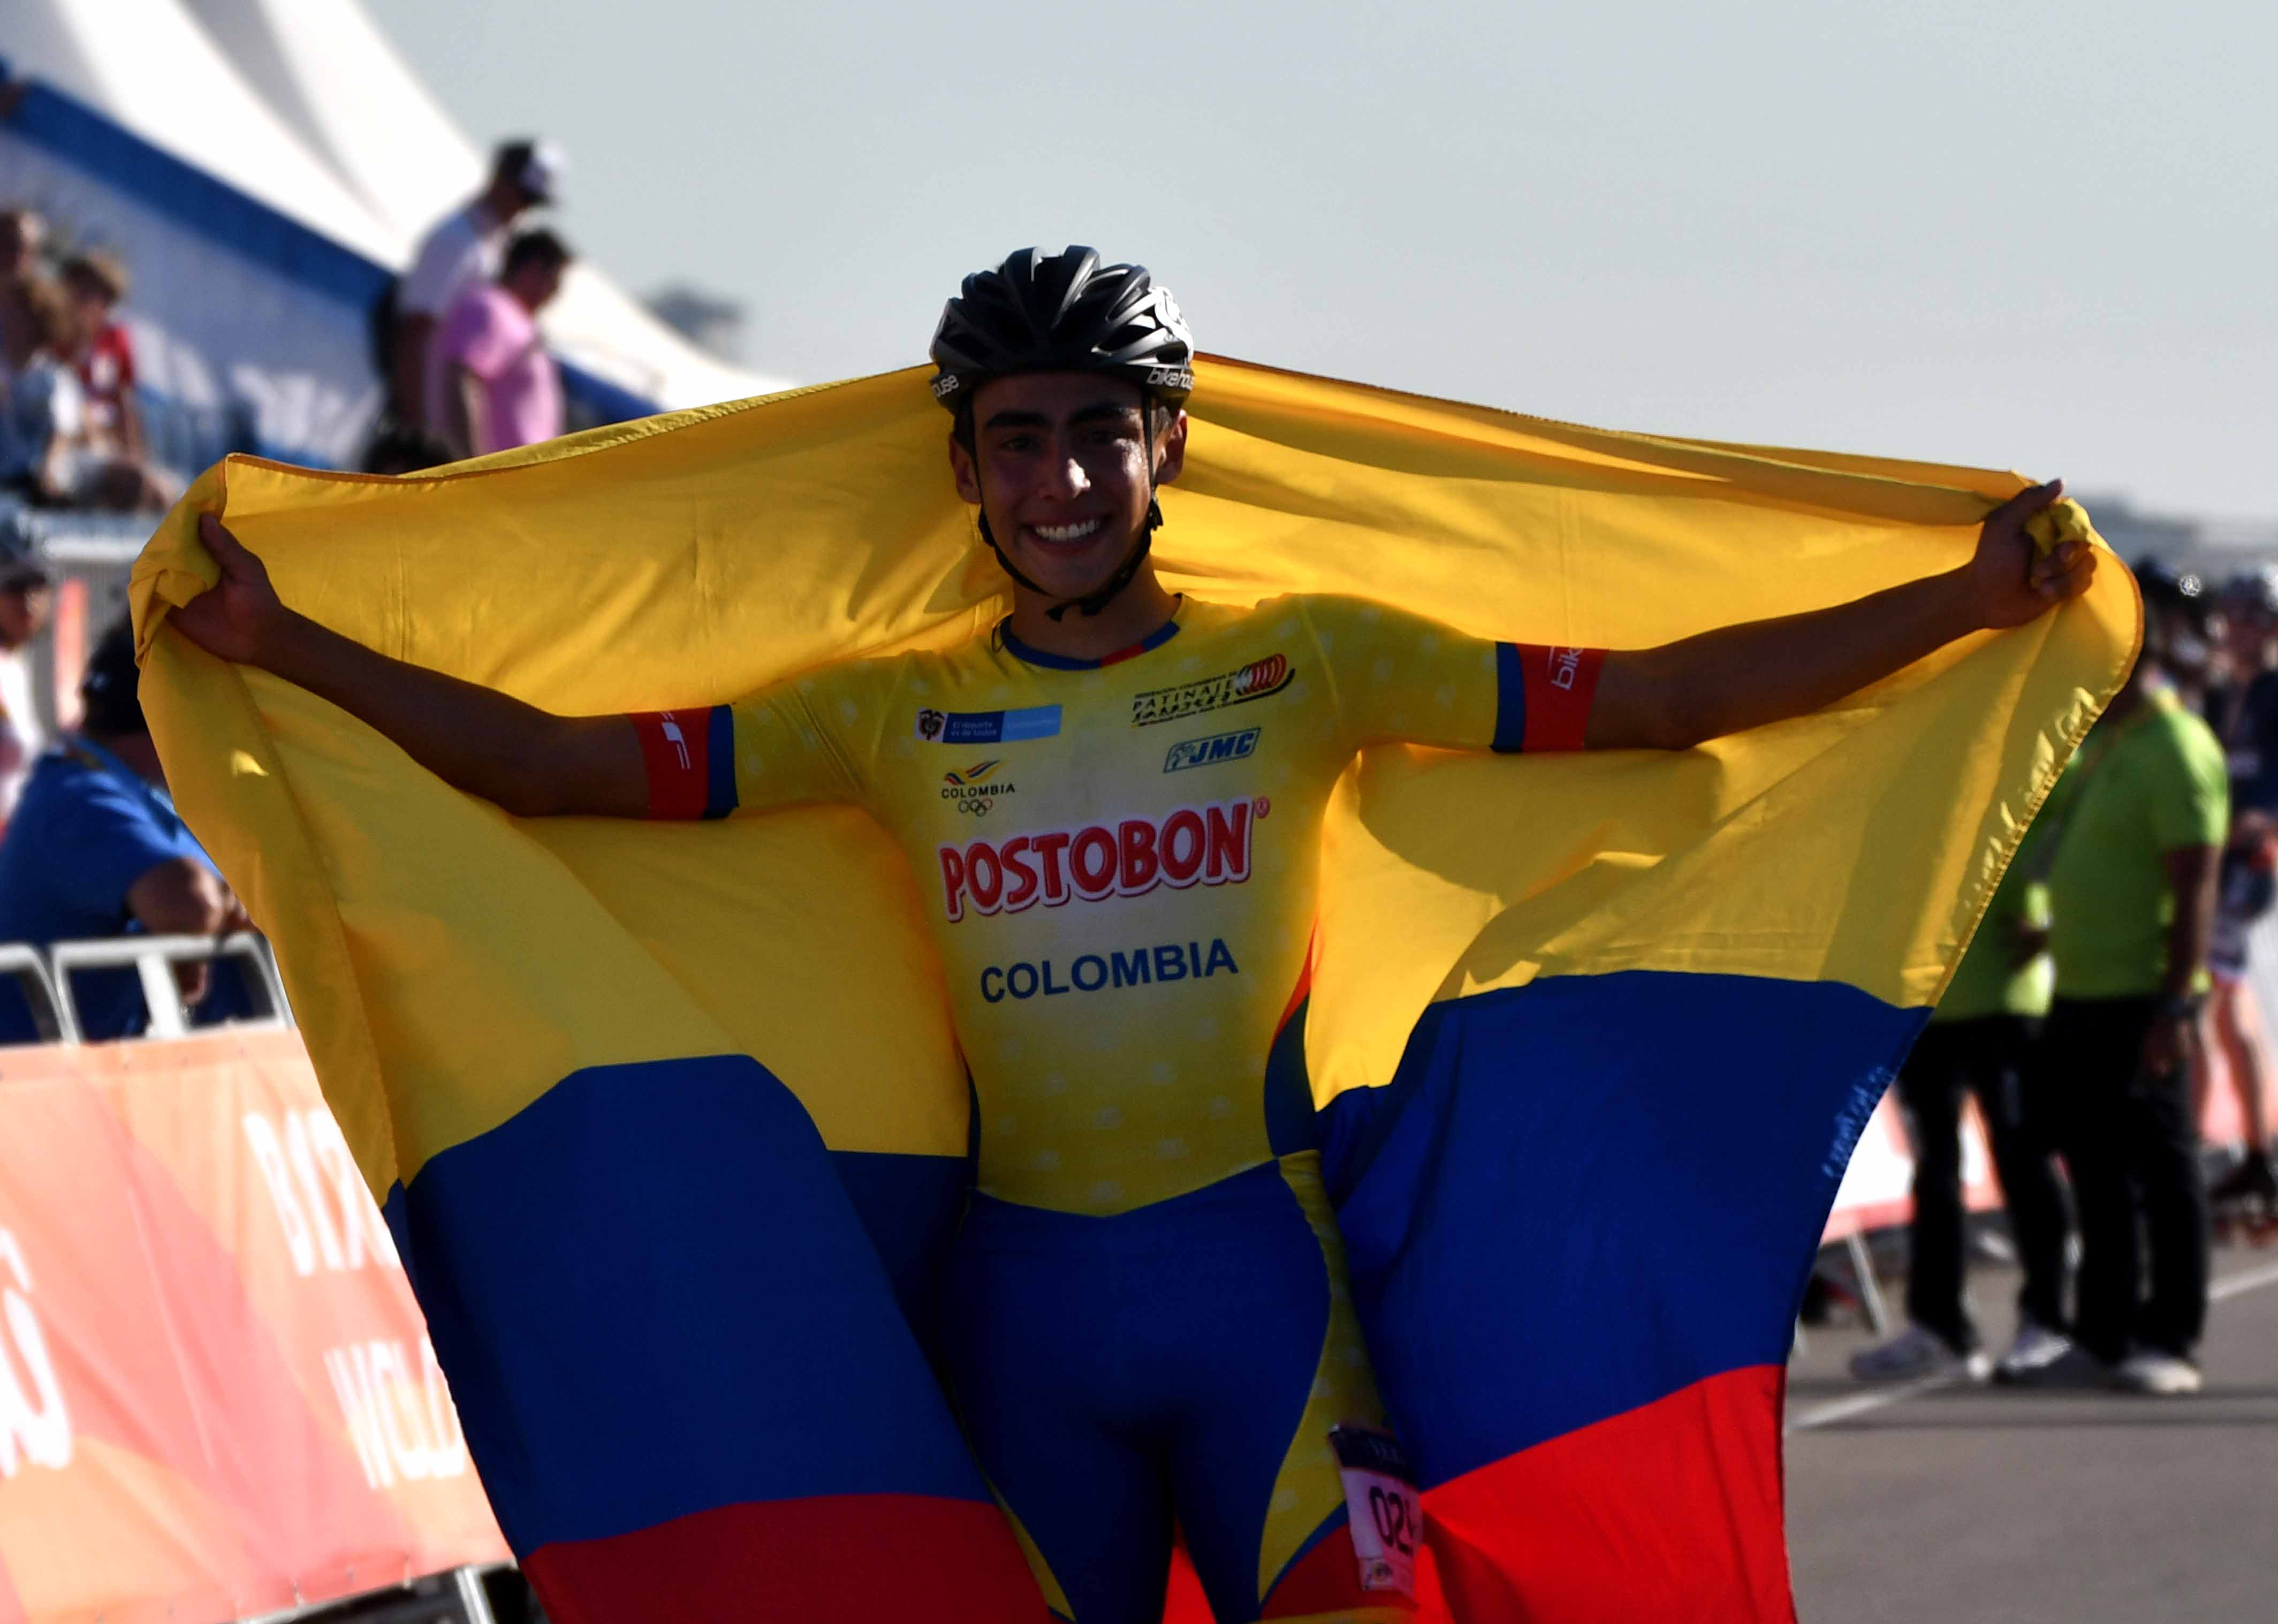 Juan Jacobo Mantilla medalla de oro en Mundial de Patinaje | Local | Deportes | EL FRENTE